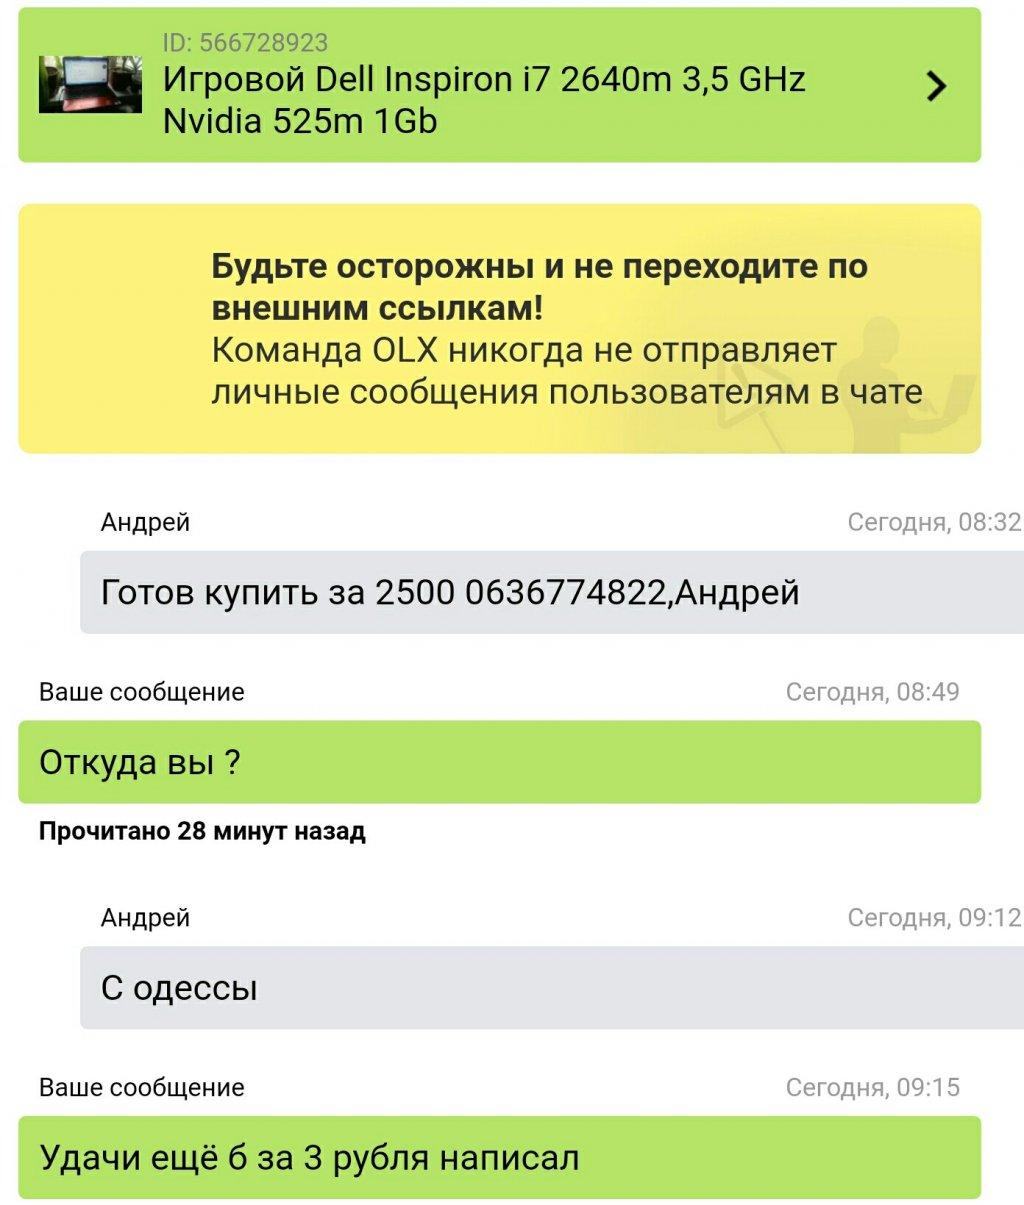 b86c864103558d OLX отзывы - ответы от официального представителя - Первый ...